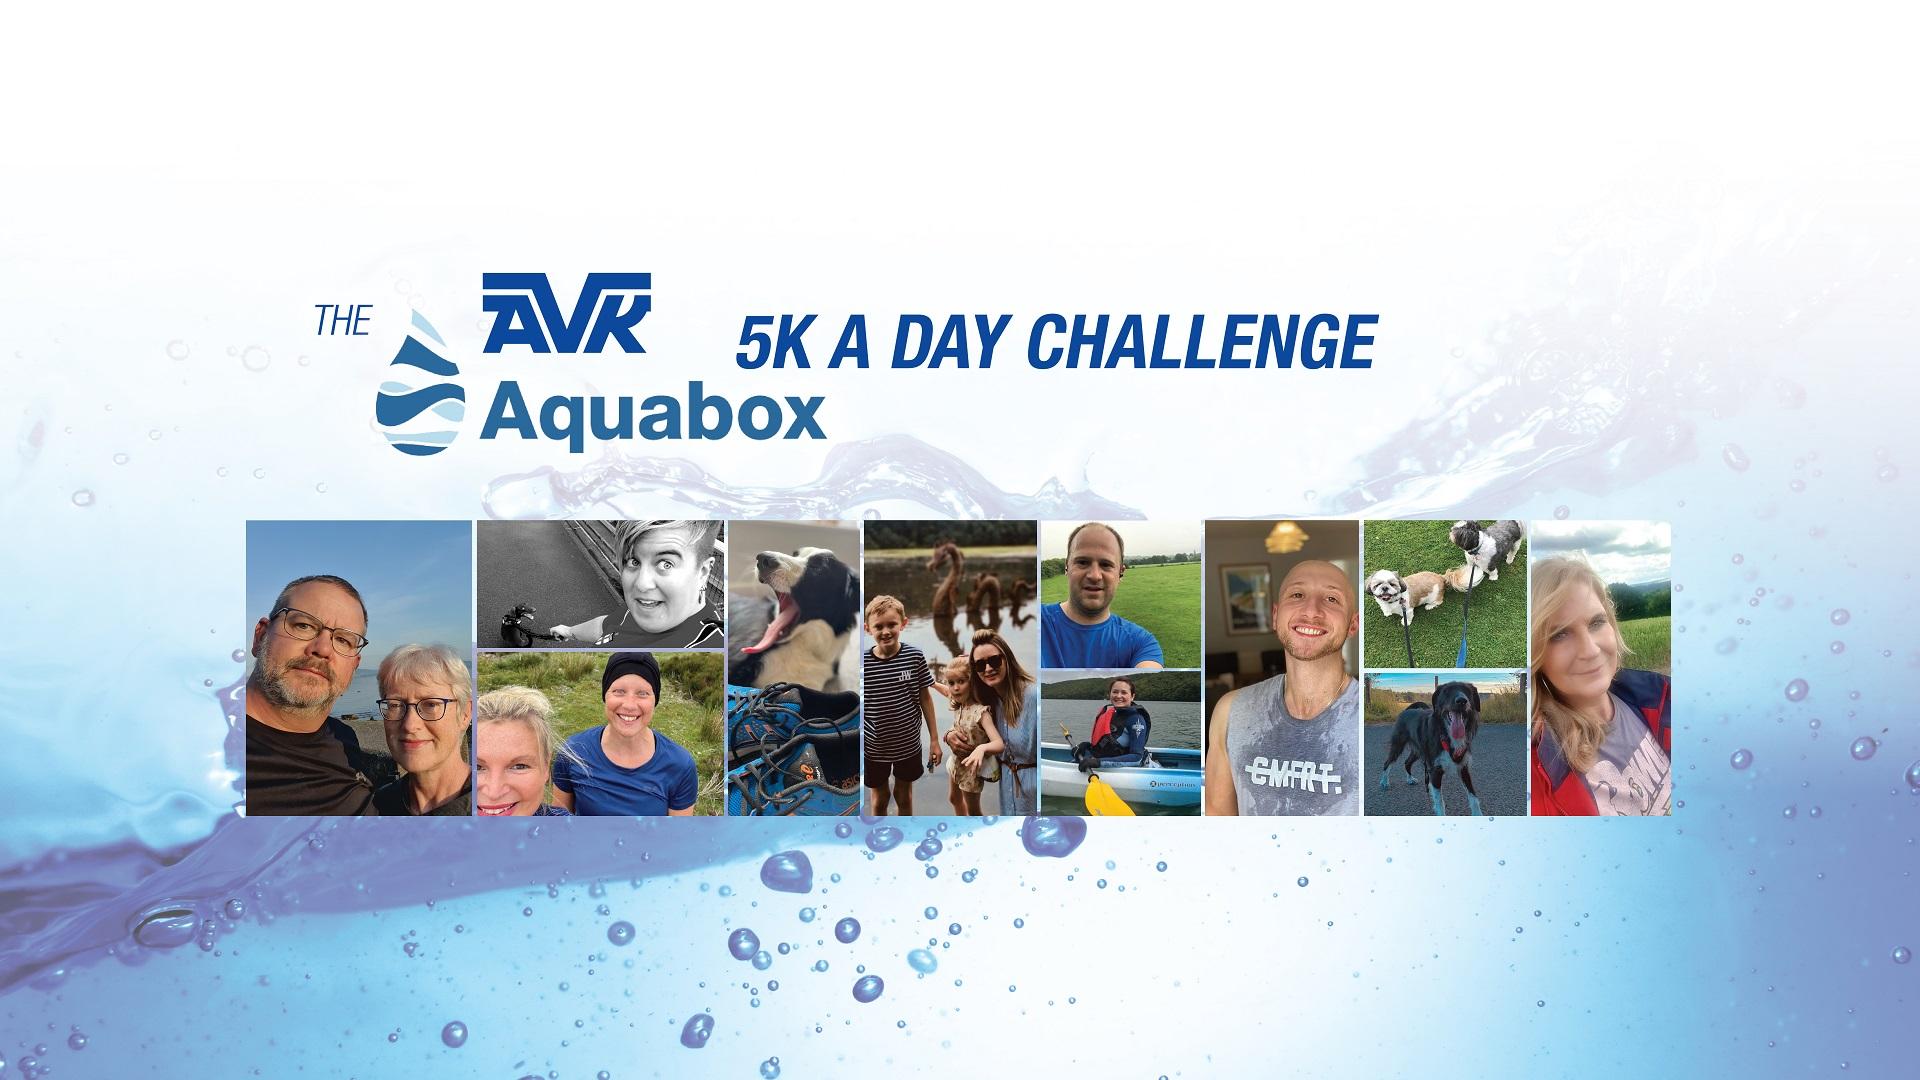 AVK Aquabox 5k fundraiser results